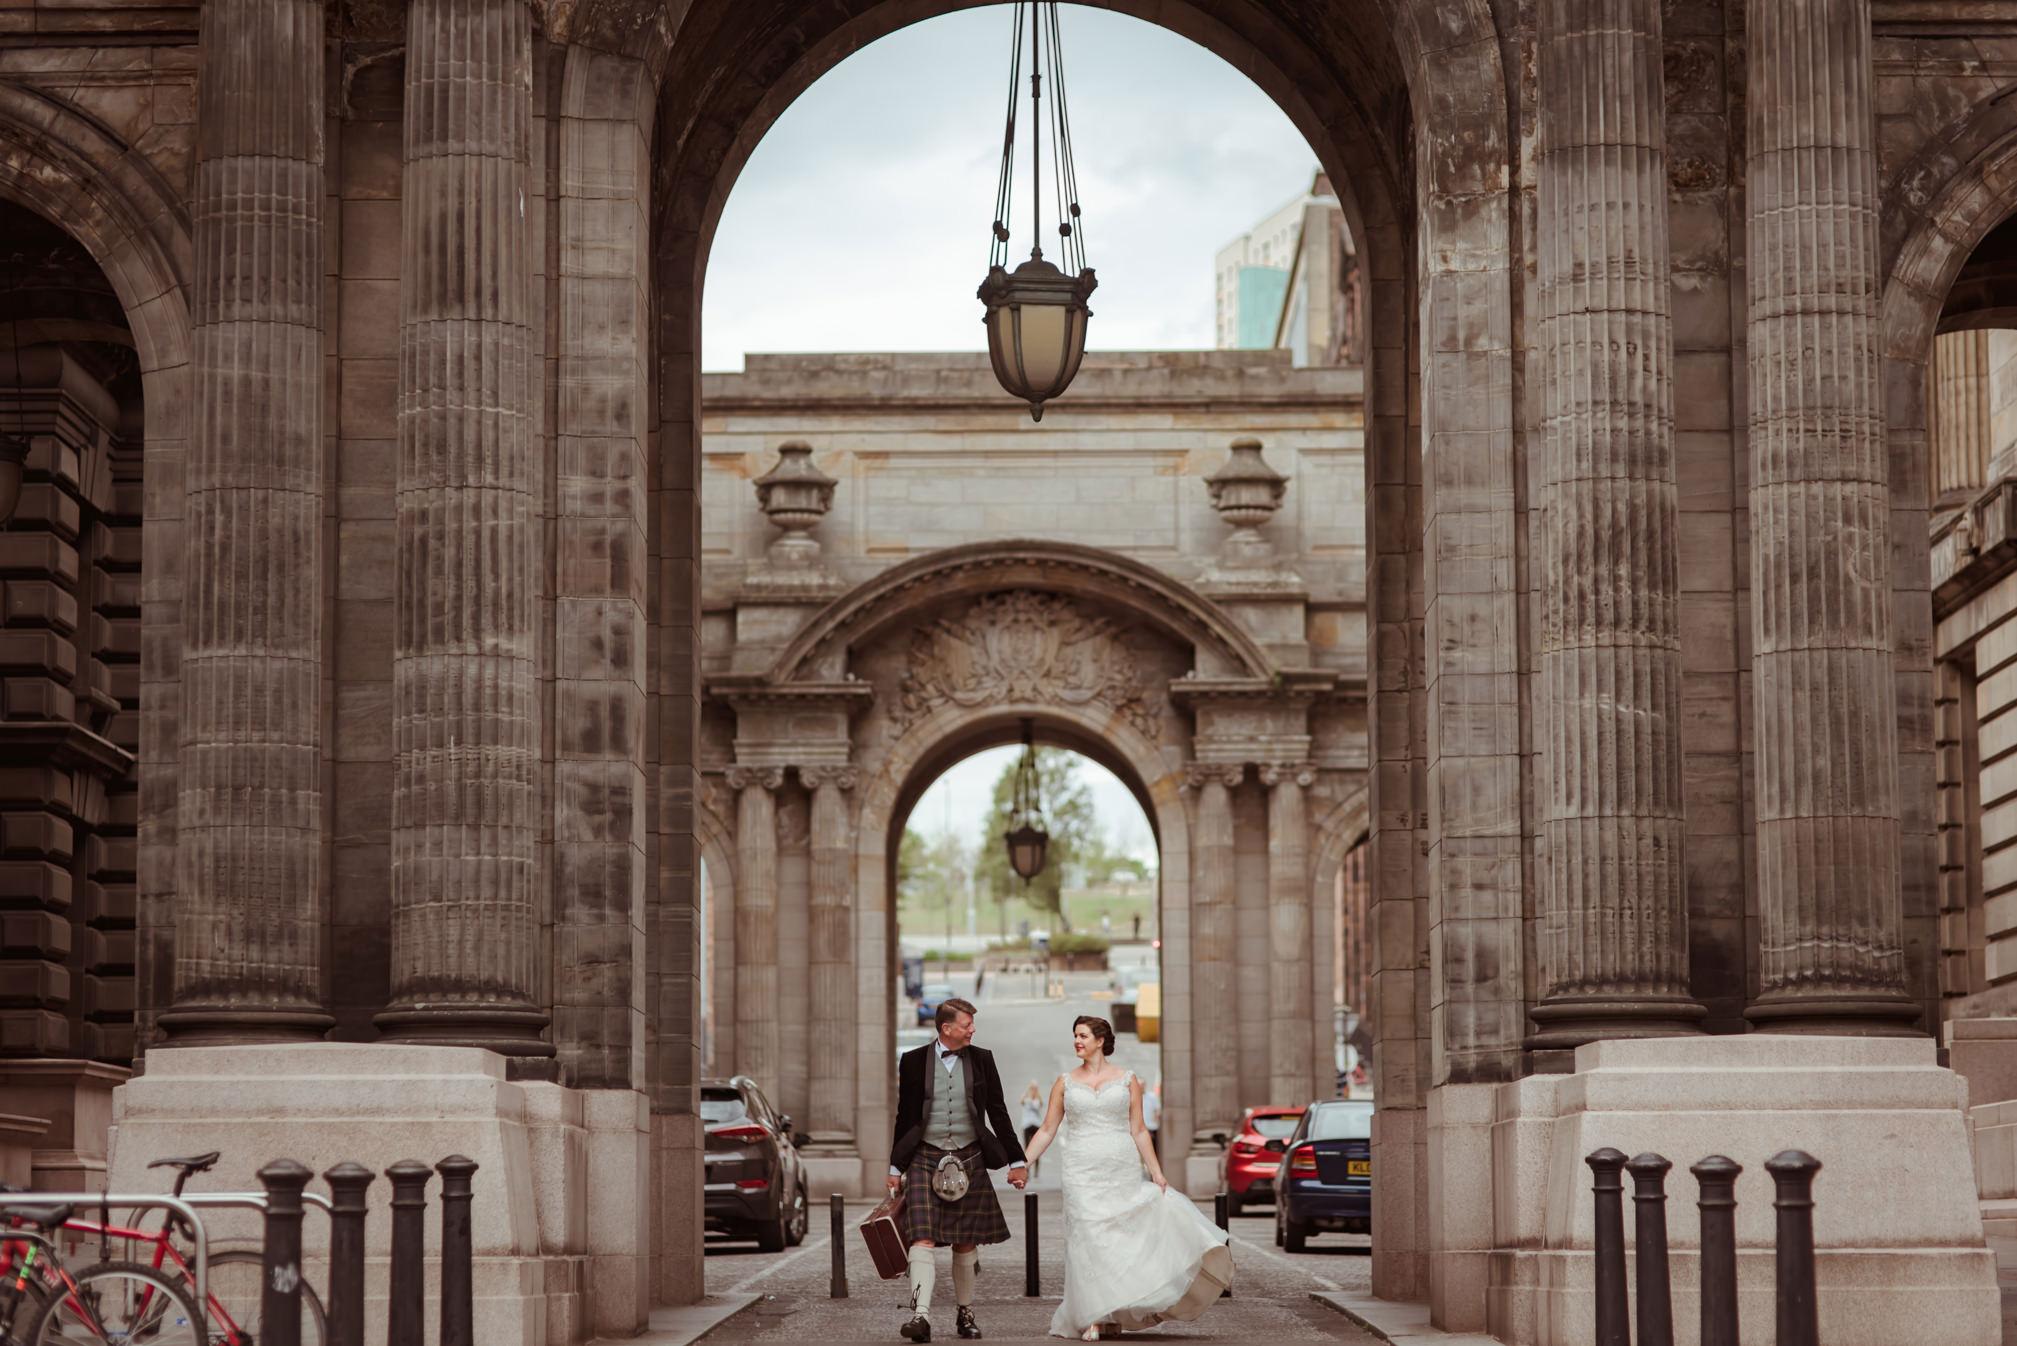 urban-wedding-photography-glasgow.jpg